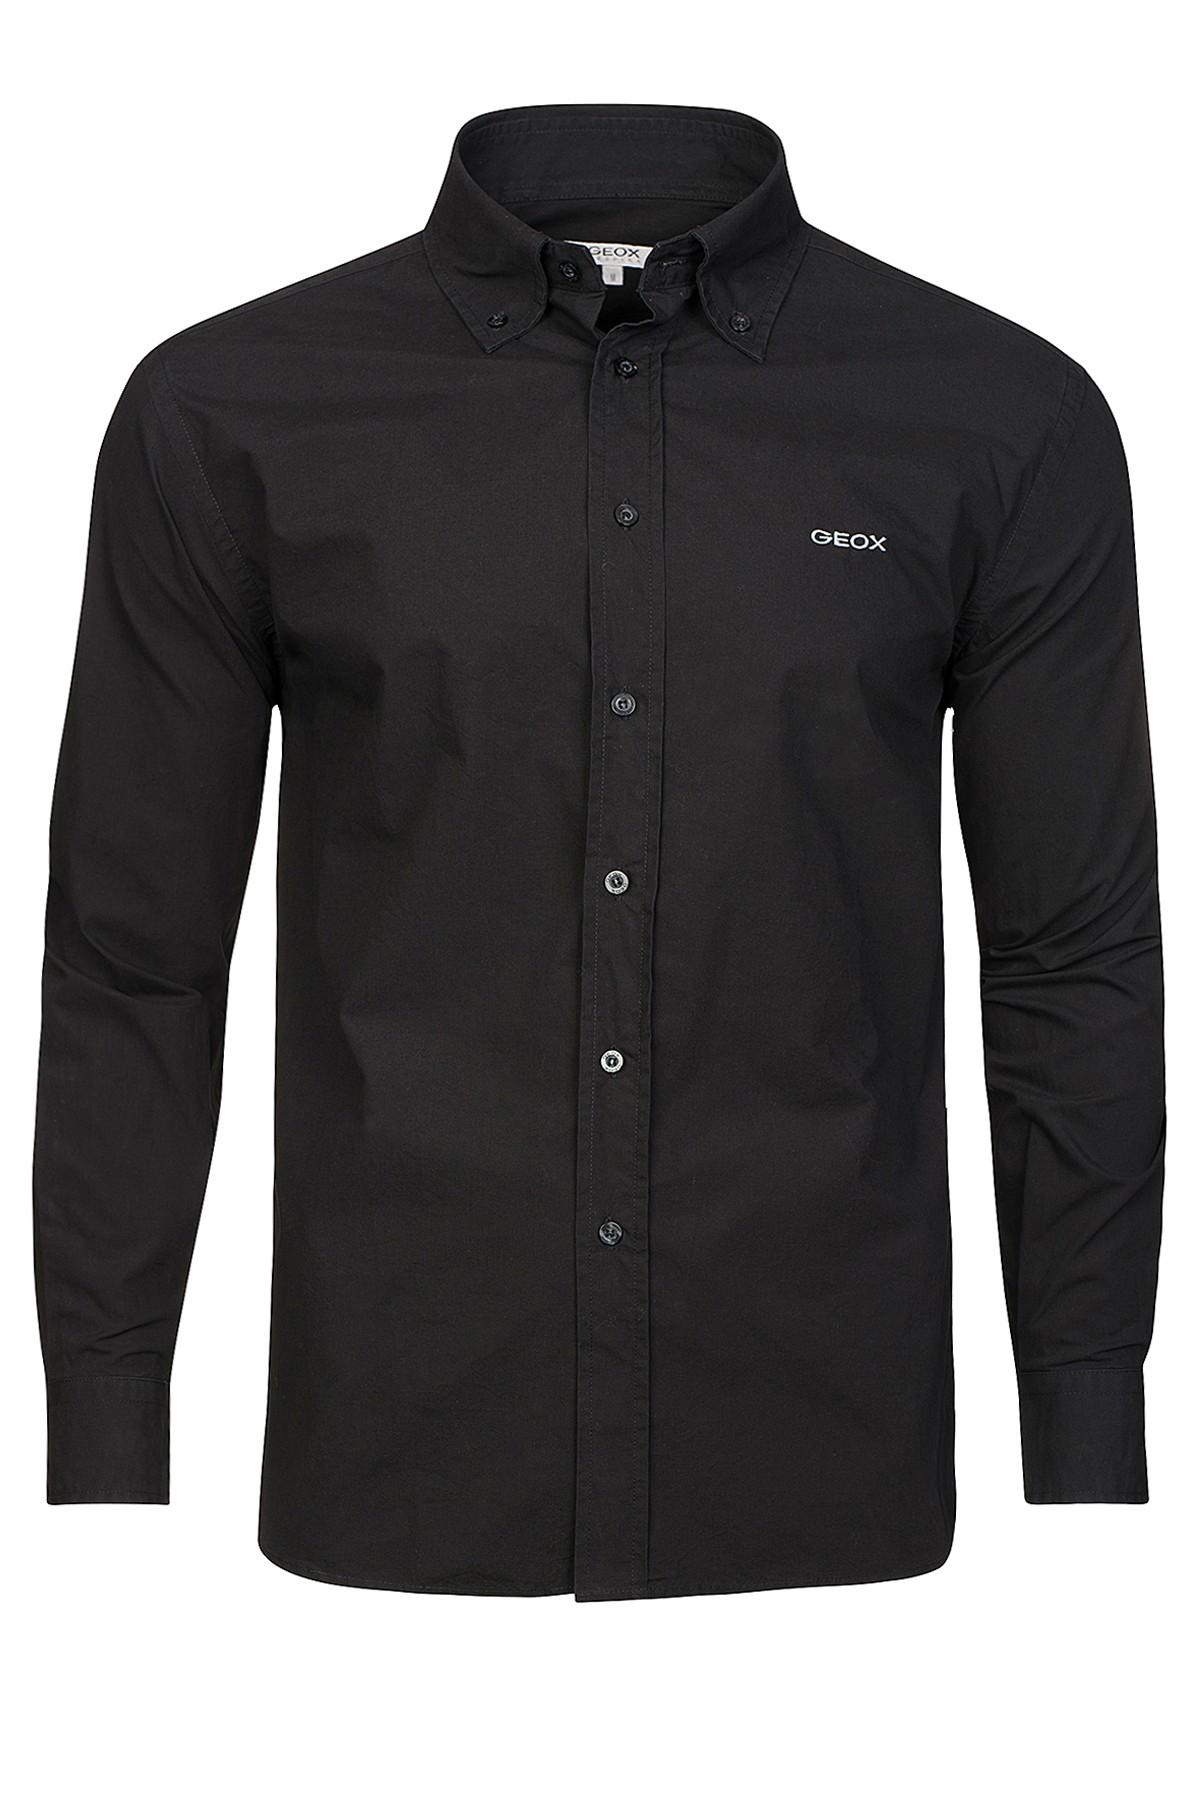 GEOX Respira Herrenhemd für 17,99€ bei Outlet46 - Größe M-XXL